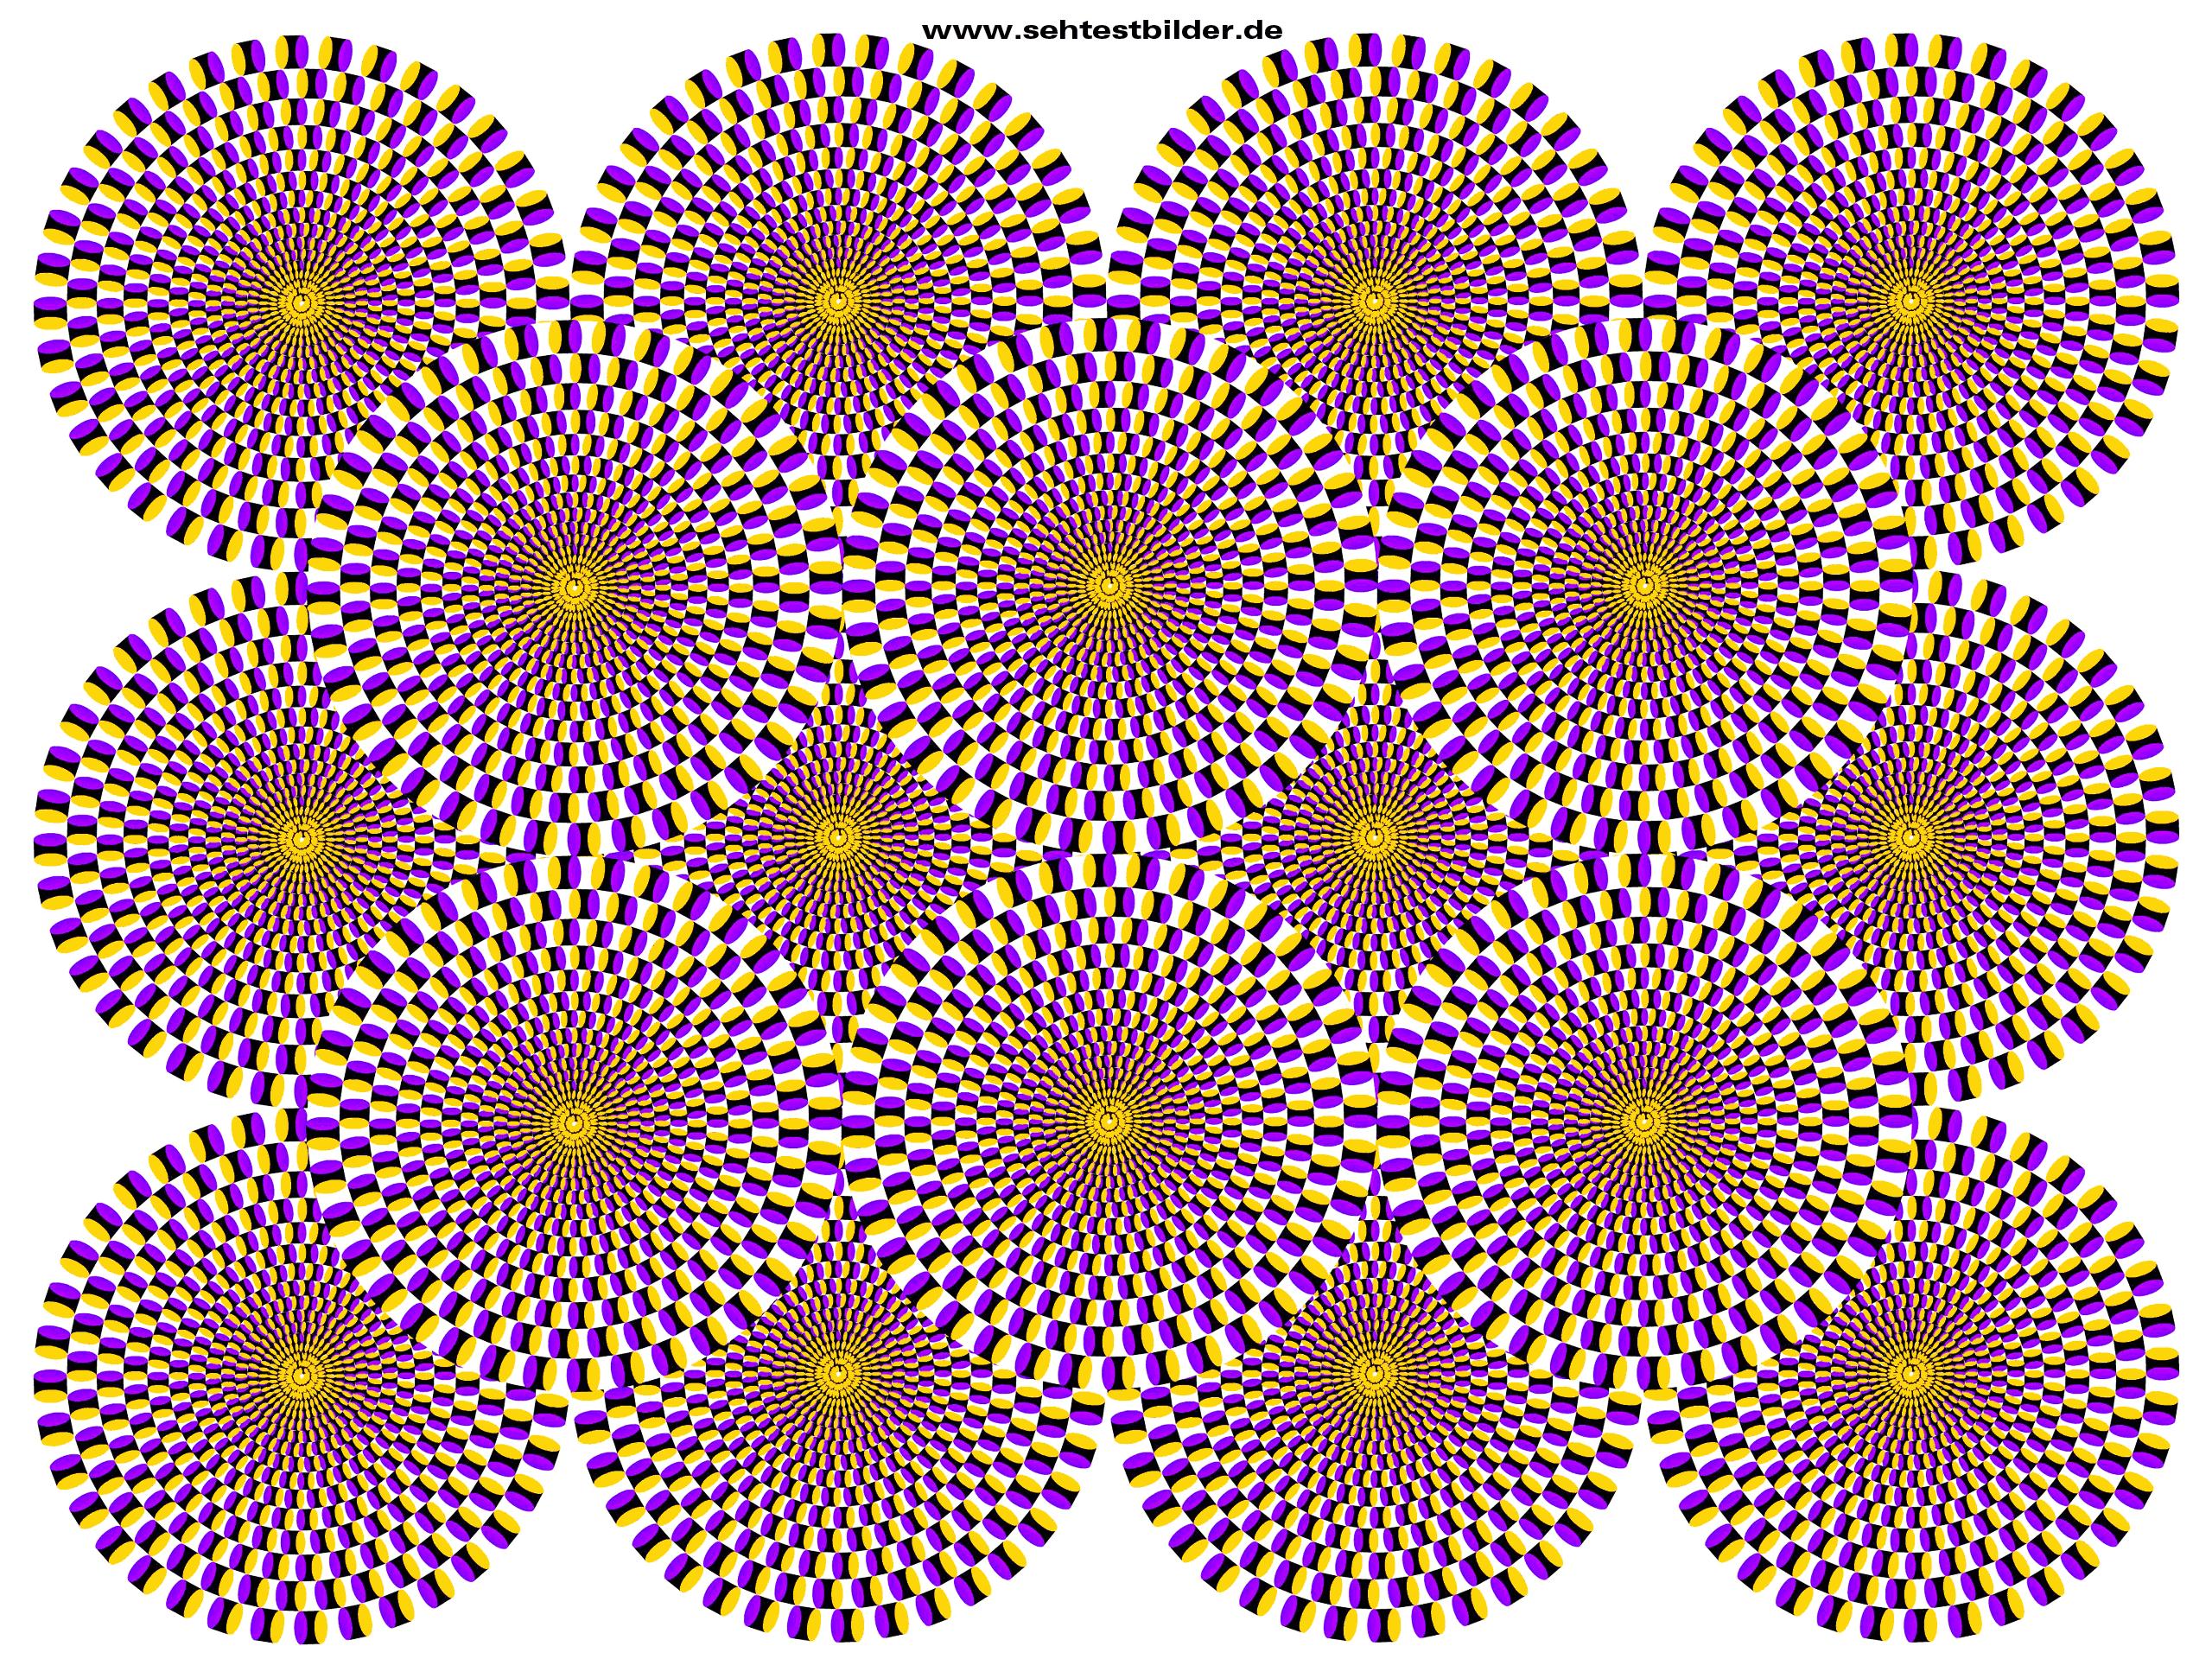 Optische Täuschung Farben